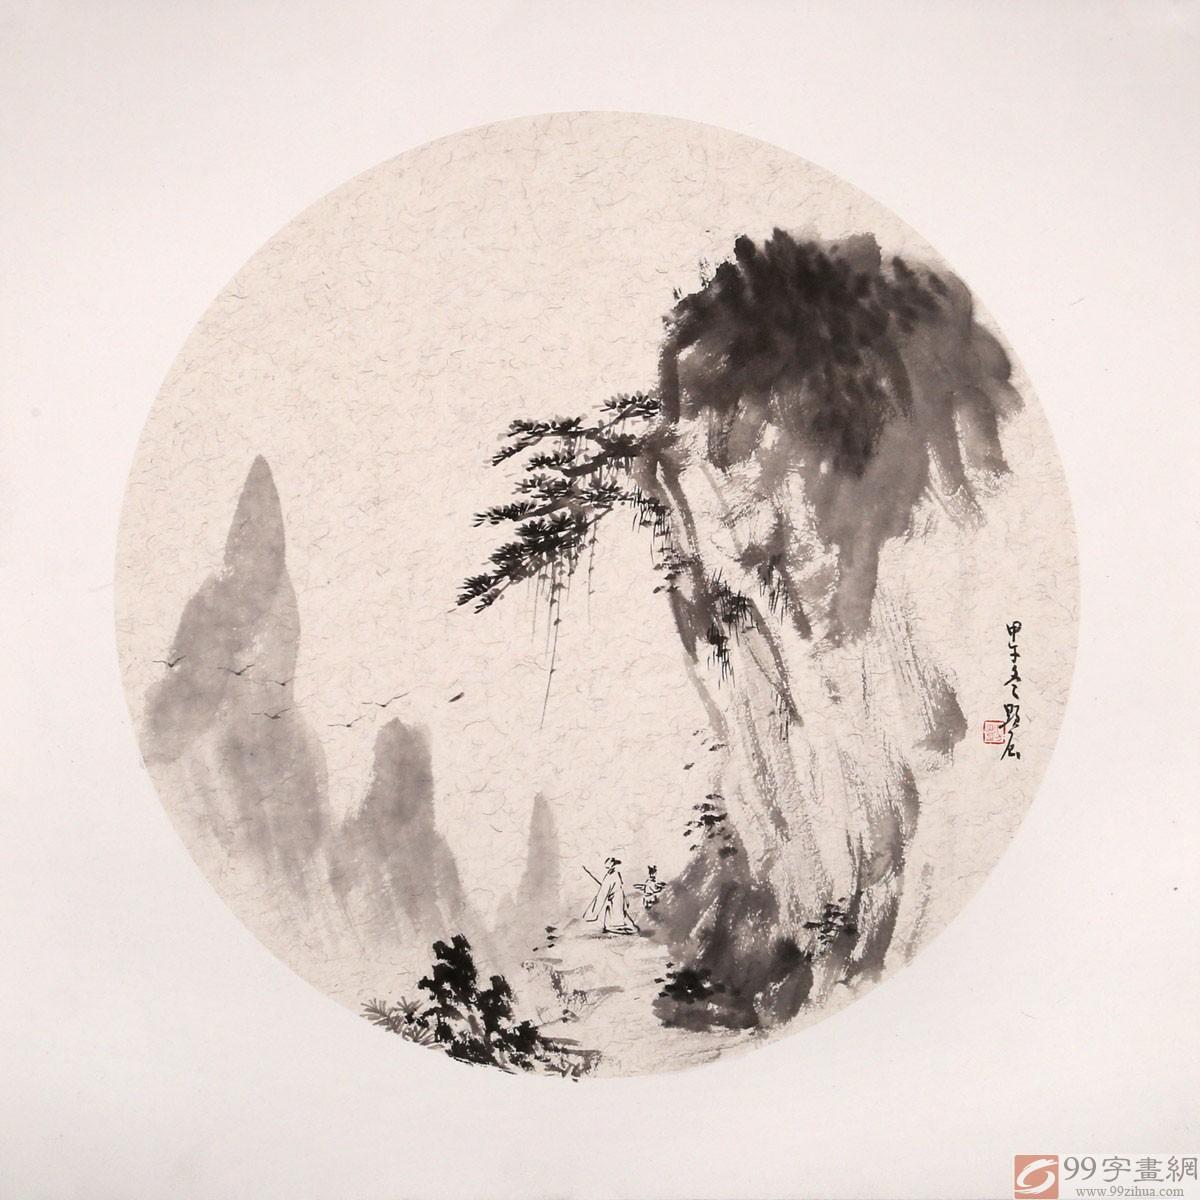 刘显辰 国画山水团扇《携琴访友》 - 写意山水画 - 99